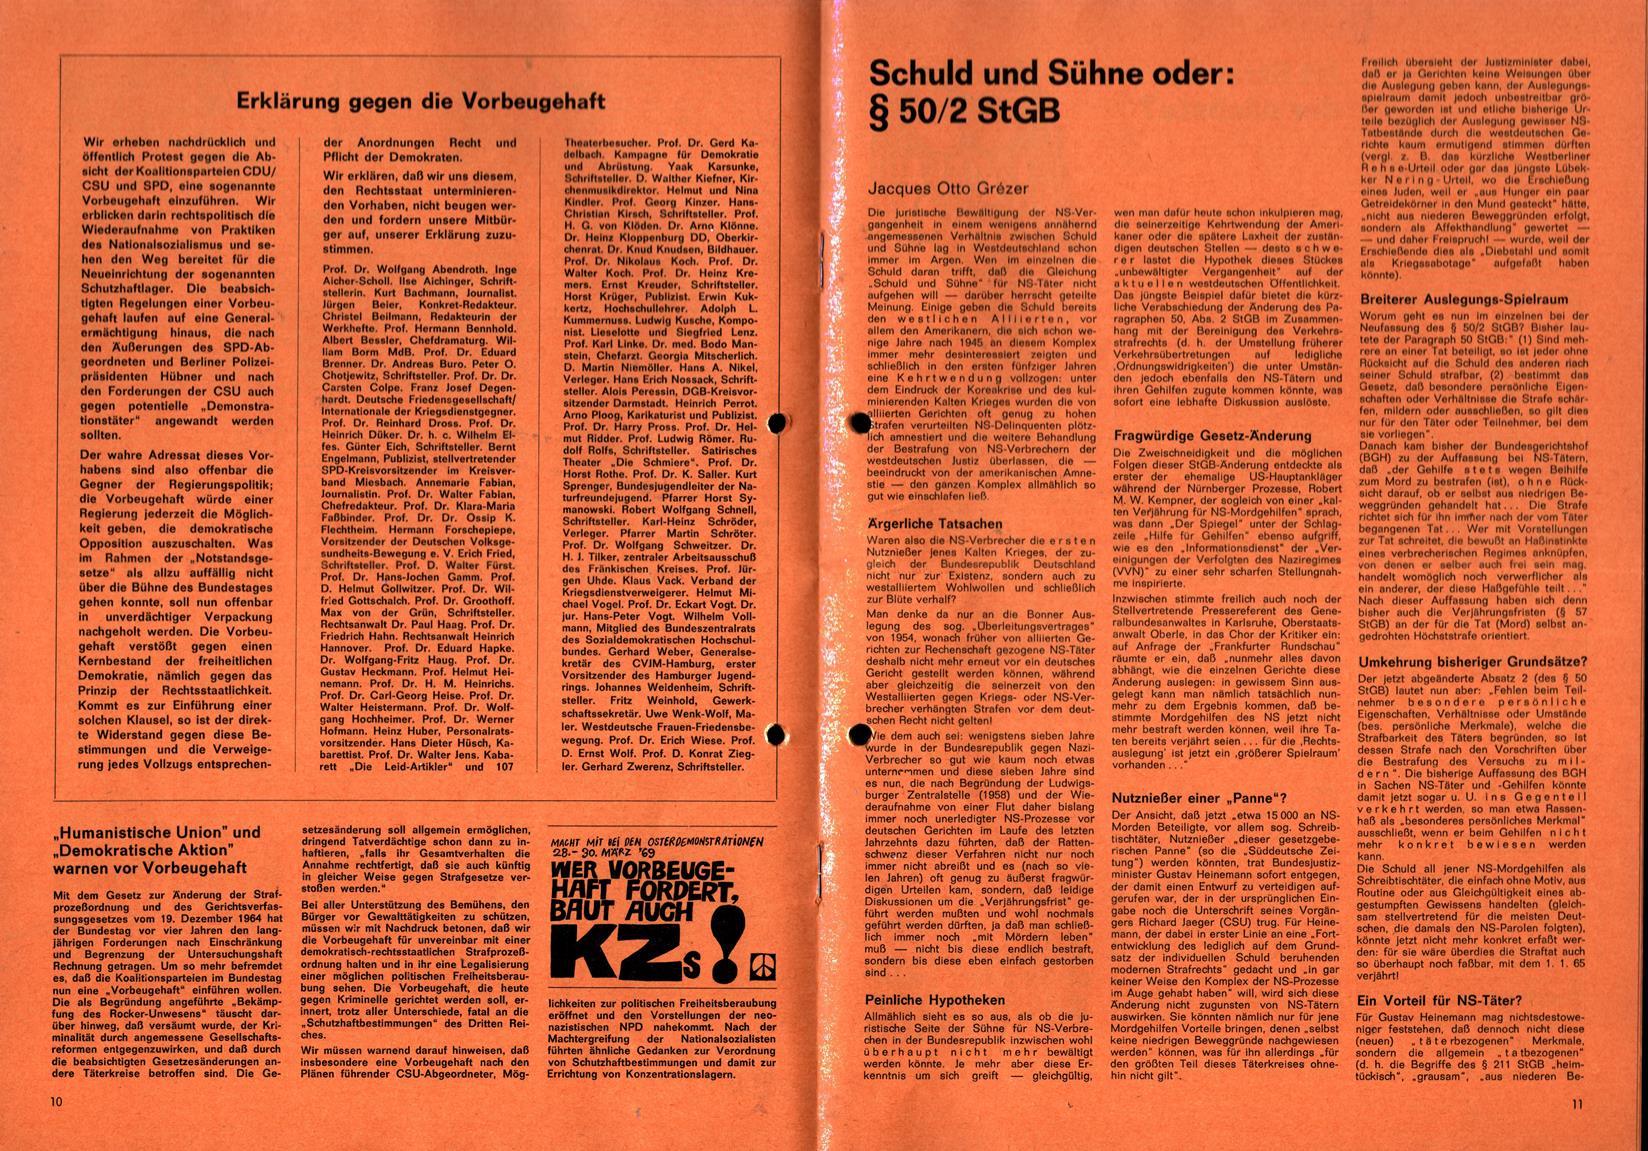 Infos_zur_Abruestung_1969_067_068_006